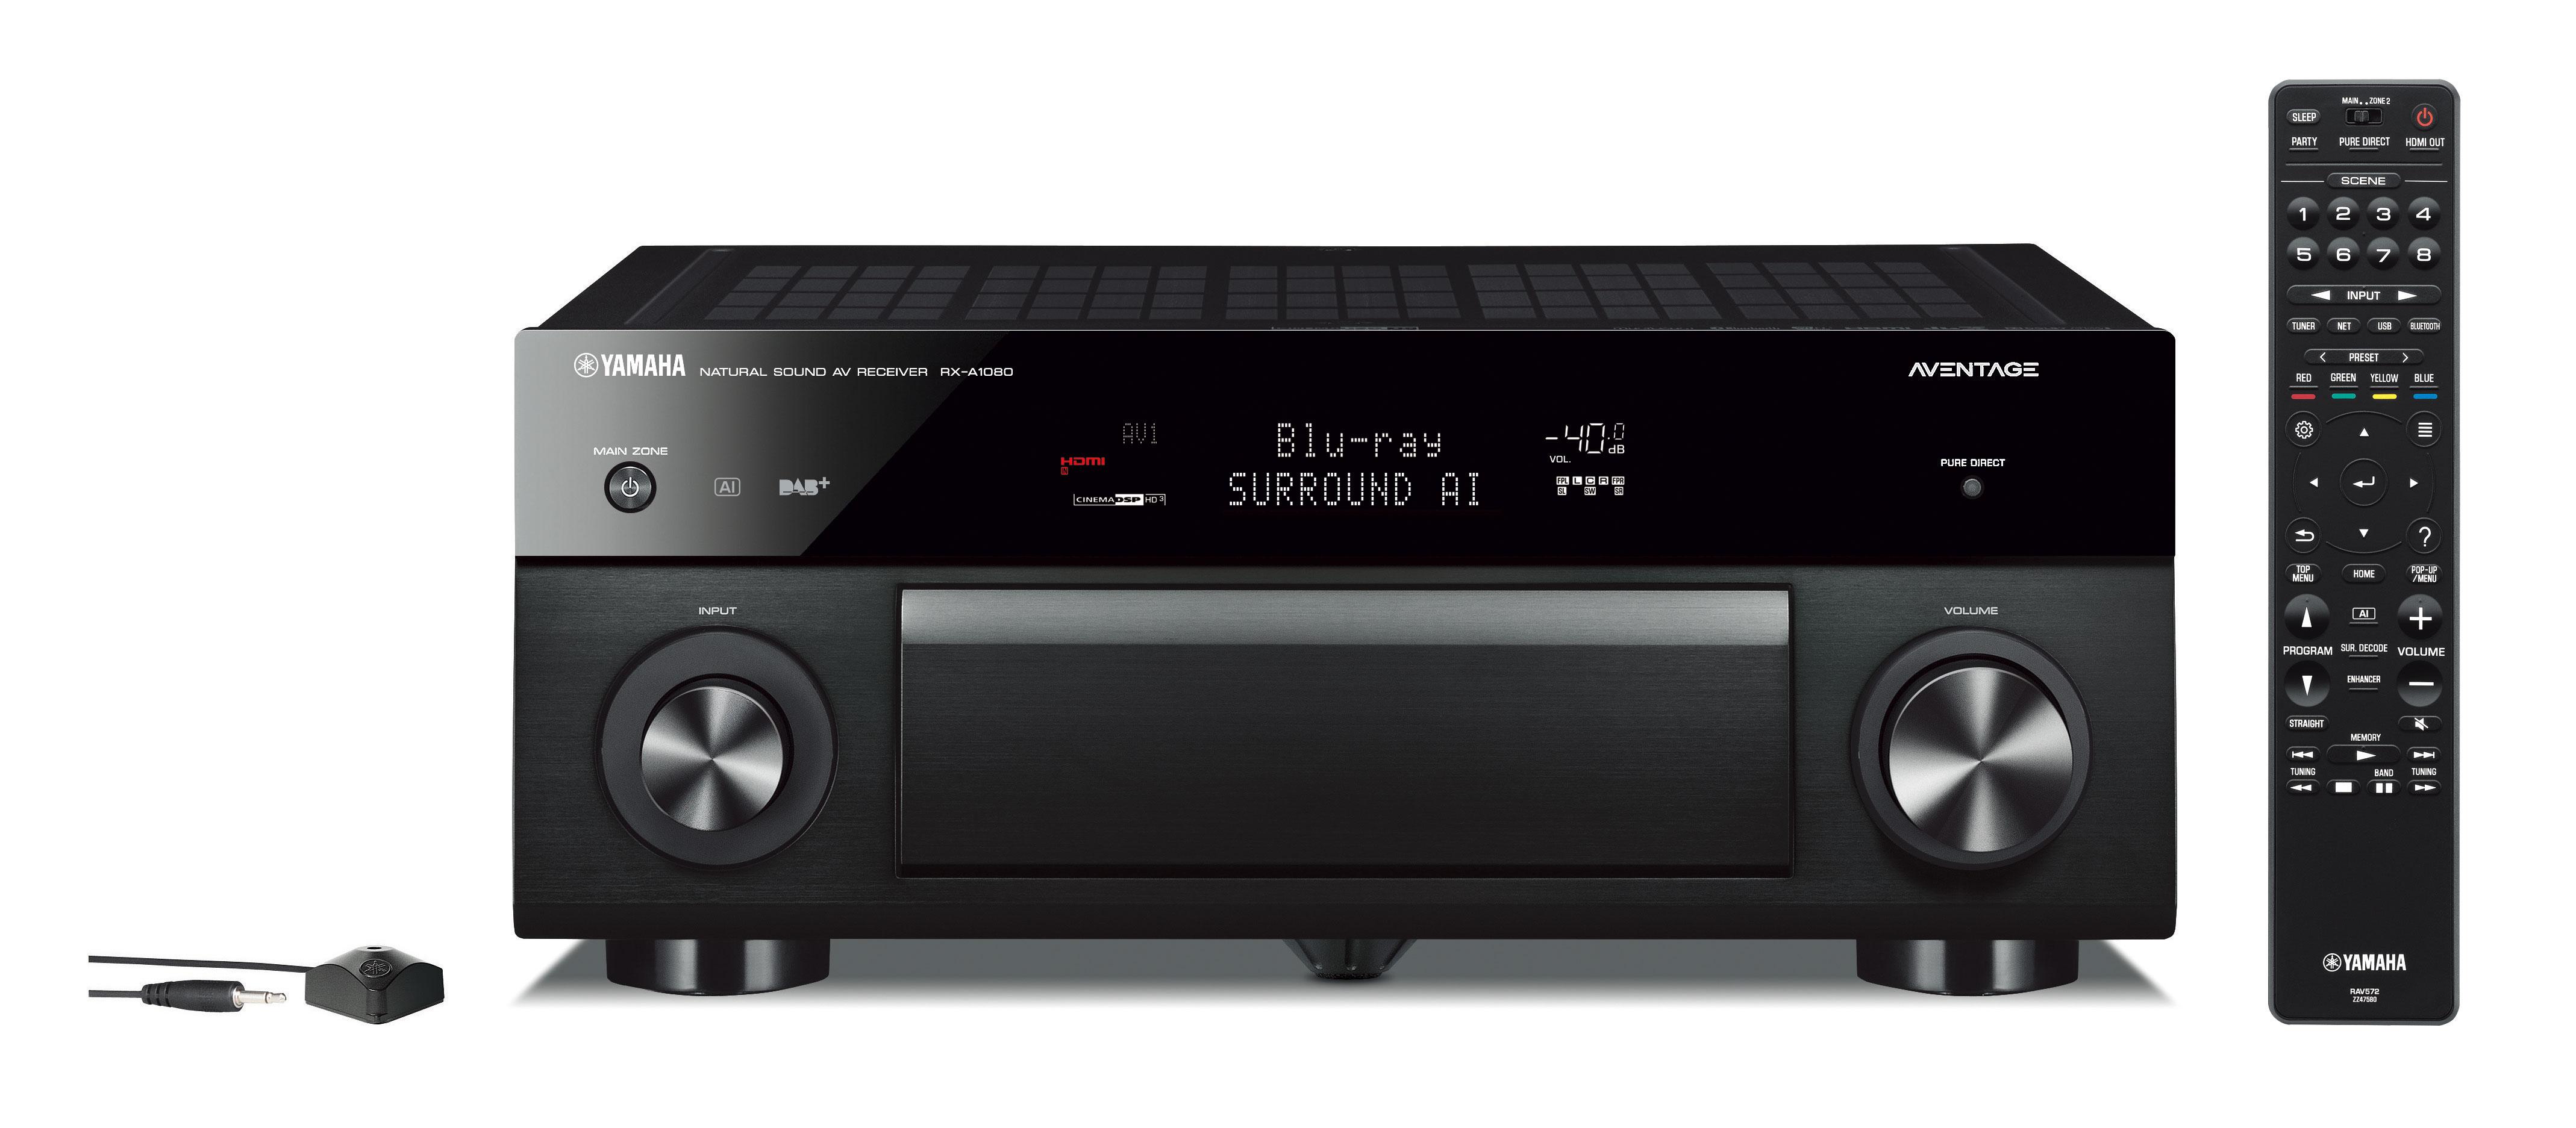 Yamaha Surround:AI RX-A1080